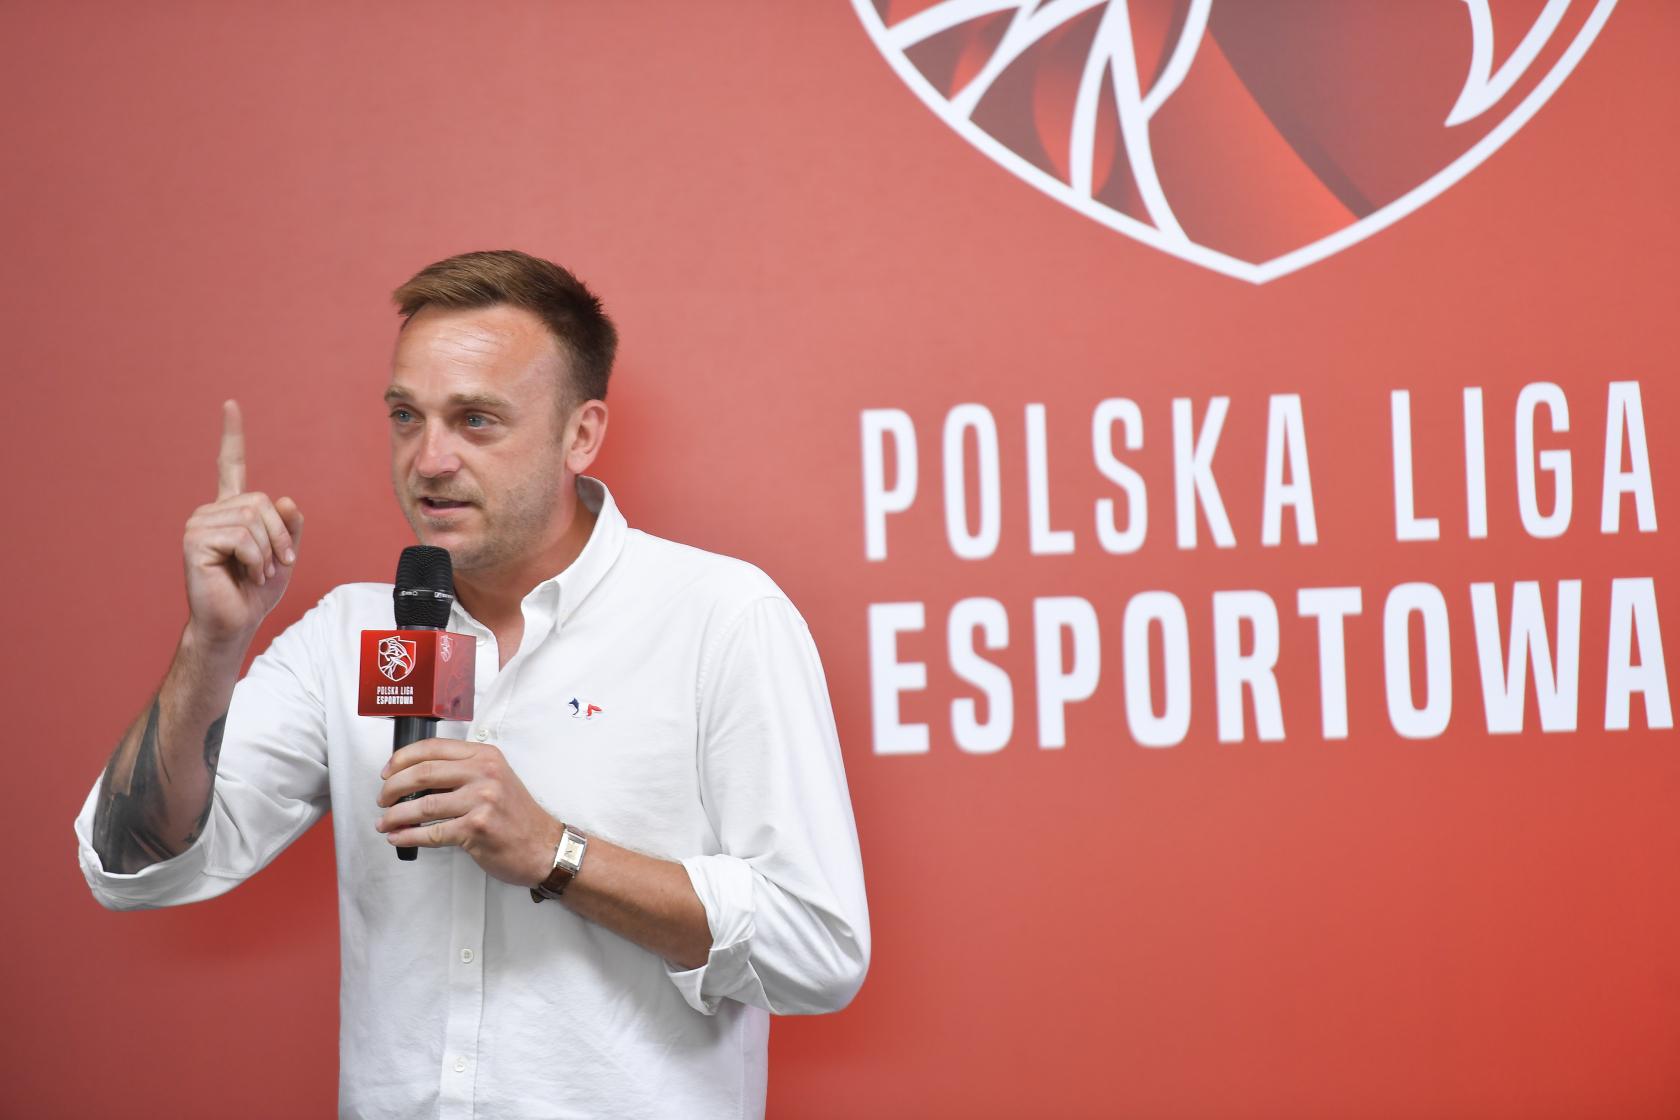 BlogStar: Konferencja Polskiej Ligi Esportowej - BlogStar.pl